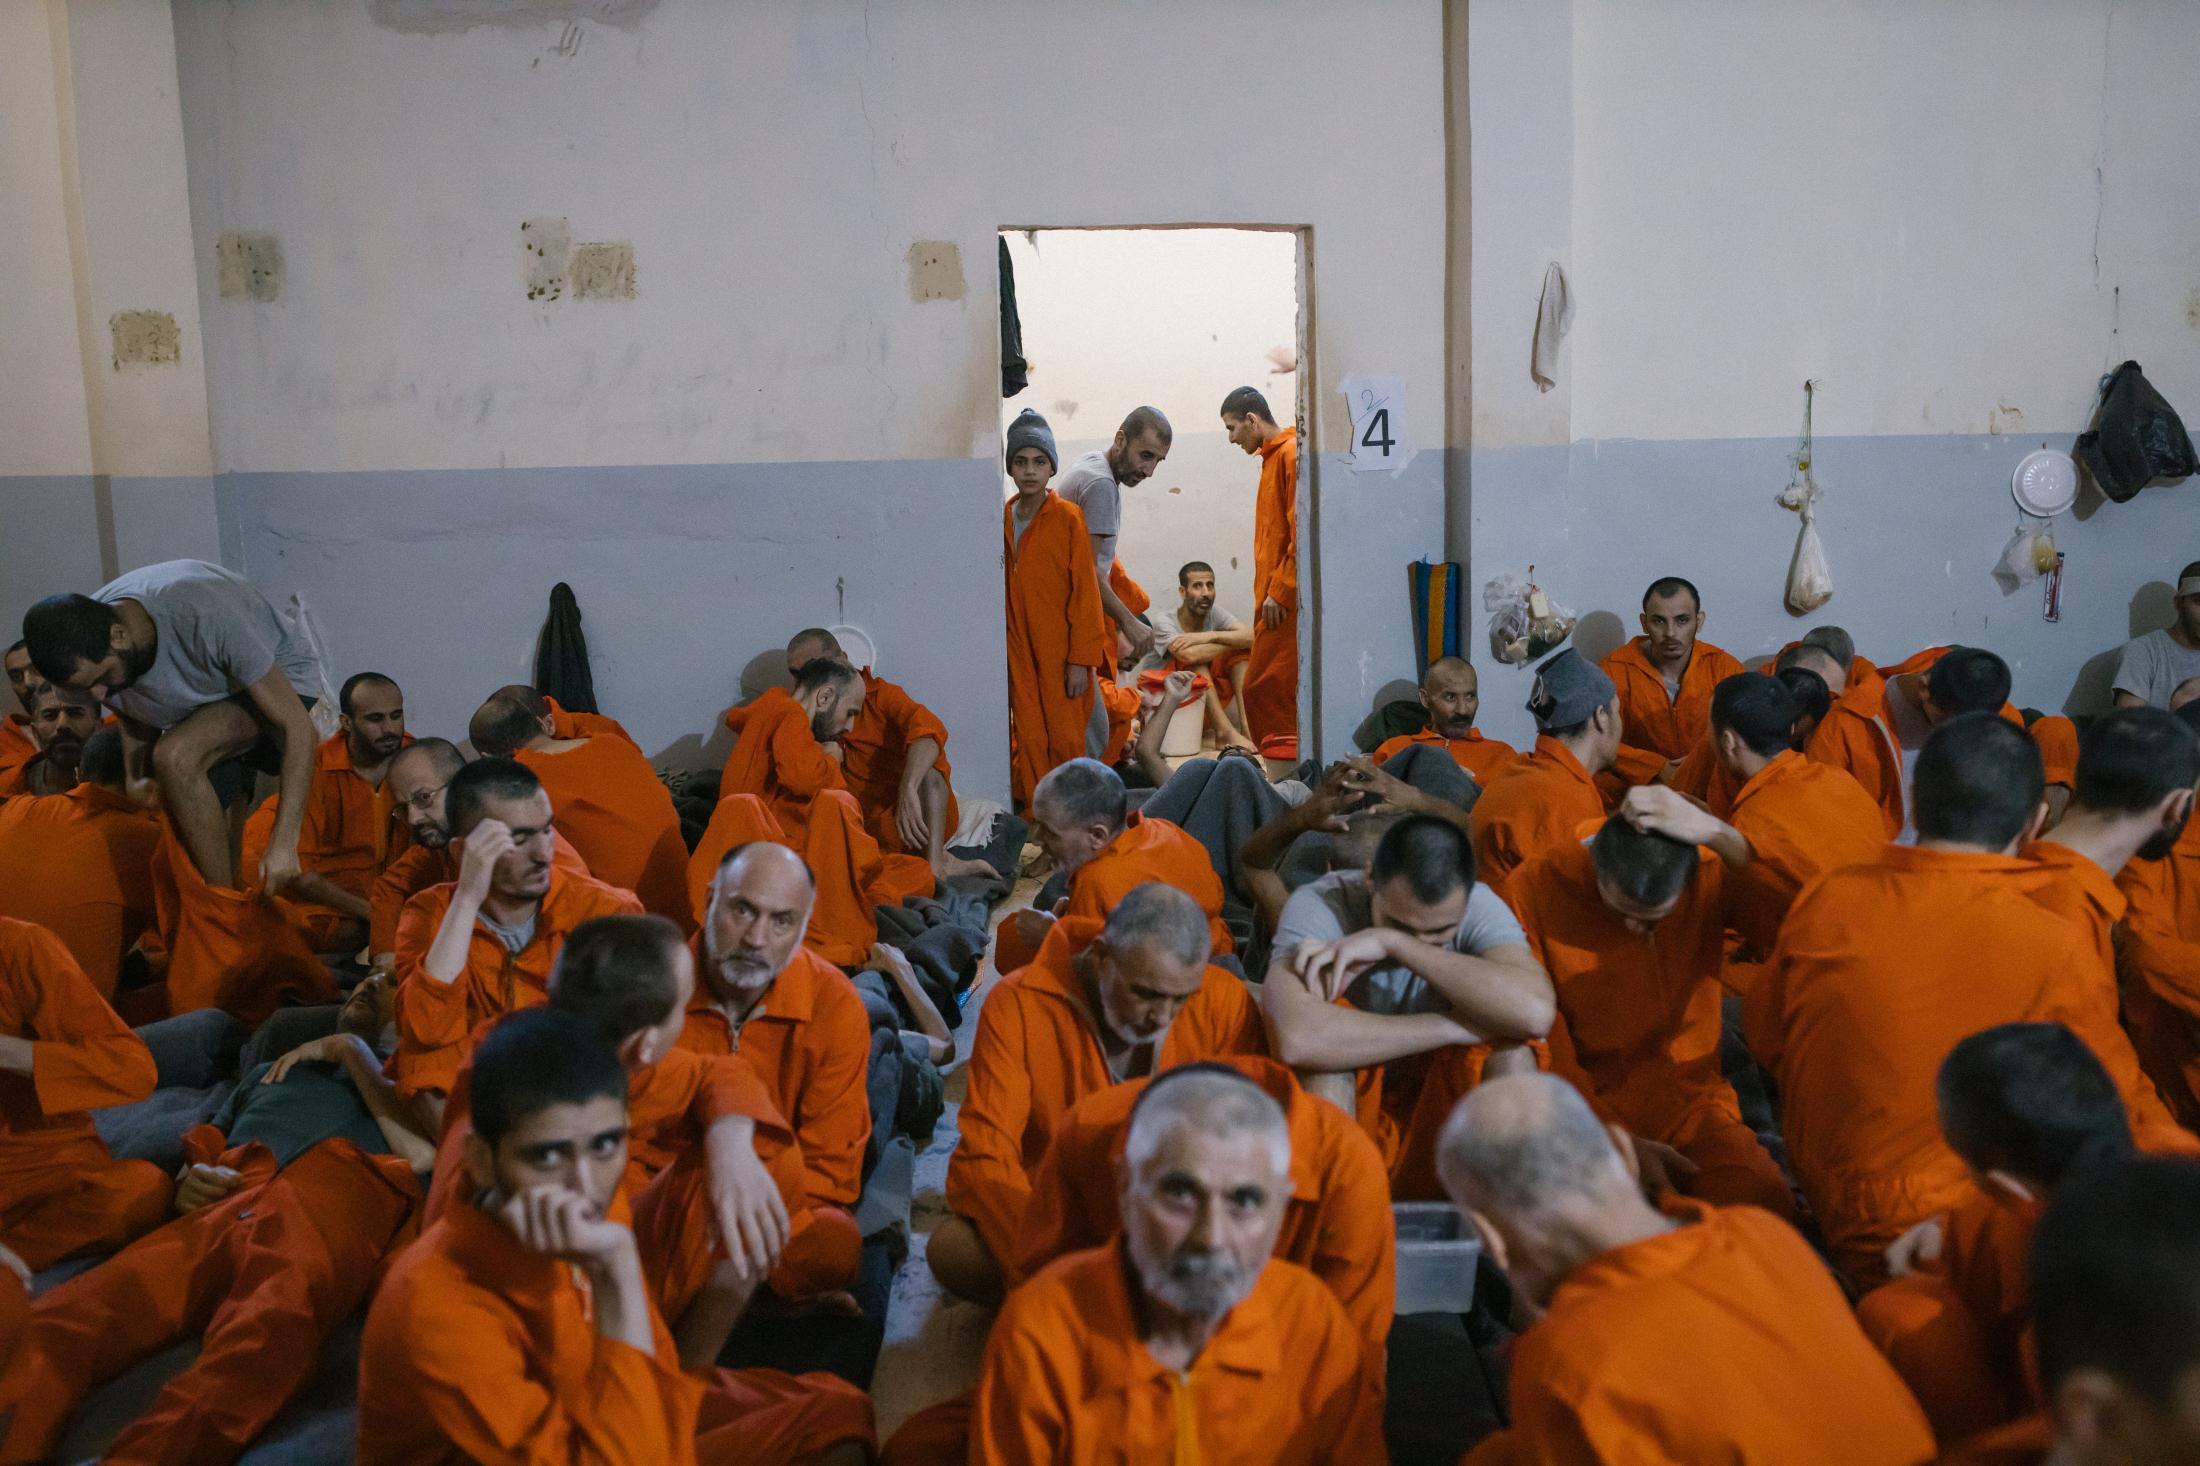 Le 30 octobre 2019, Hassake, nord est syrien. Entre 100 et 200 détenus dans chaque salle de classe. Cette pièce est surpeuplée.Les prisonniers sont considérés comme les plus radicaux et vivent dans des conditions difficiles. Ils ont droit à deux repas par jour. Dans cette pièce, il n'y a pas de lumière du jour car les fenêtres ont été condamnées. Un enfant est installé dans l'encablure de la porte. Il est mélangé aux adultes.